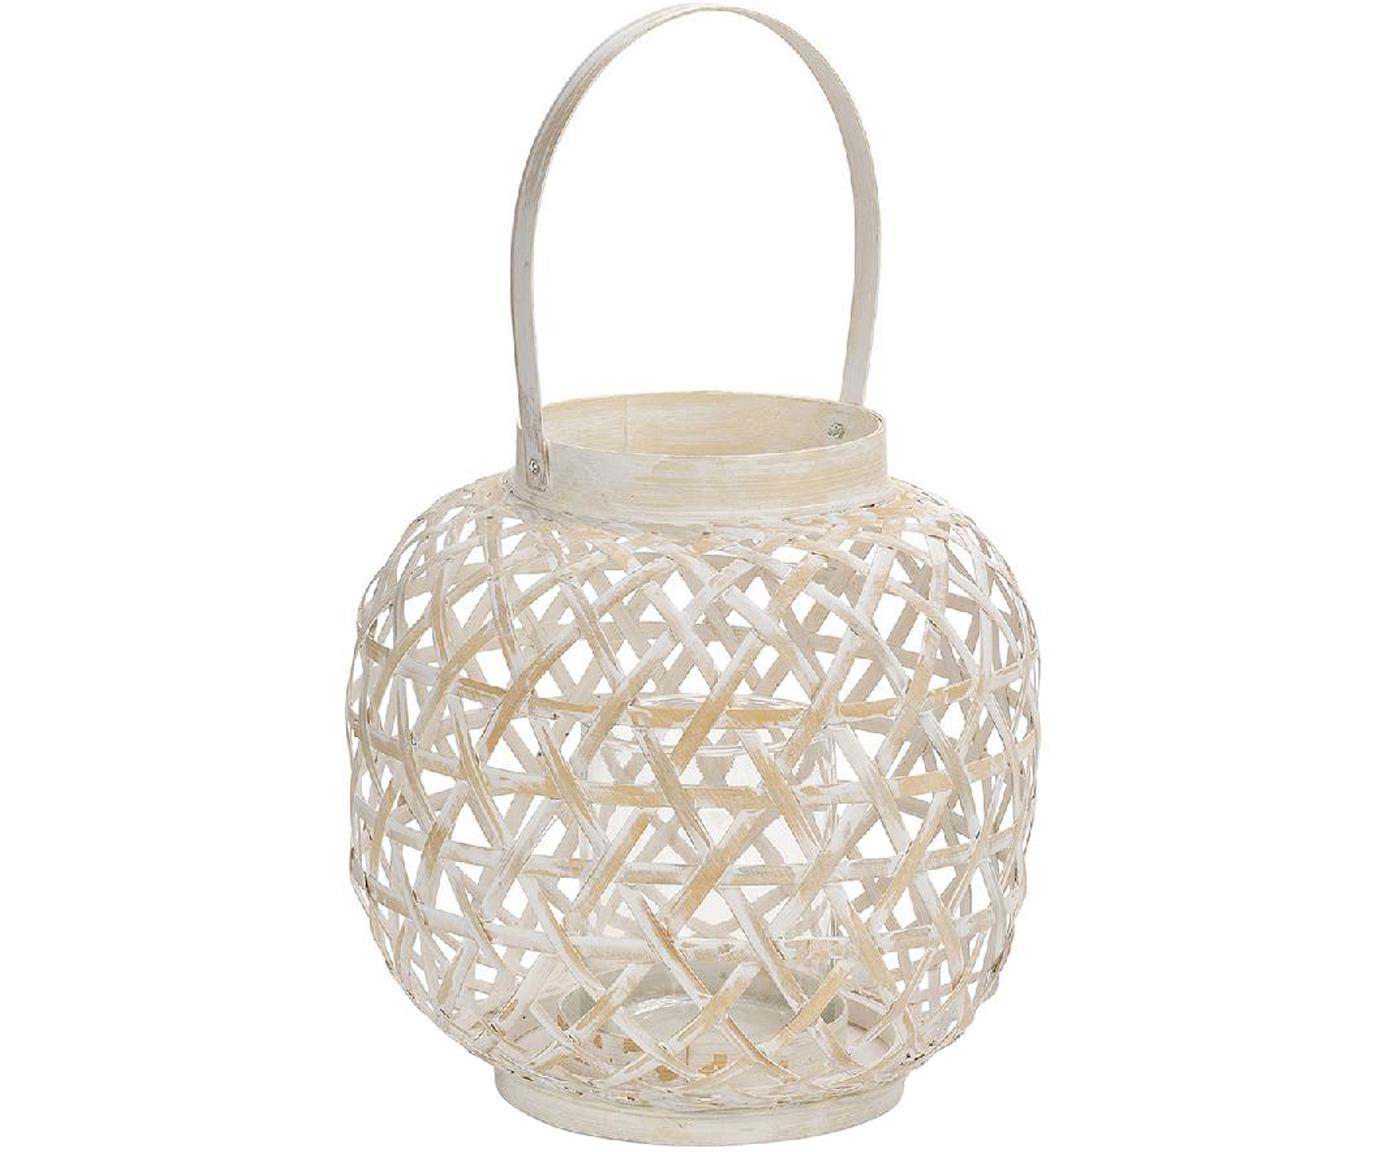 Windlicht Bamboo, Windlicht: Bambus, Weiß, Beige, Ø 24 x H 39 cm